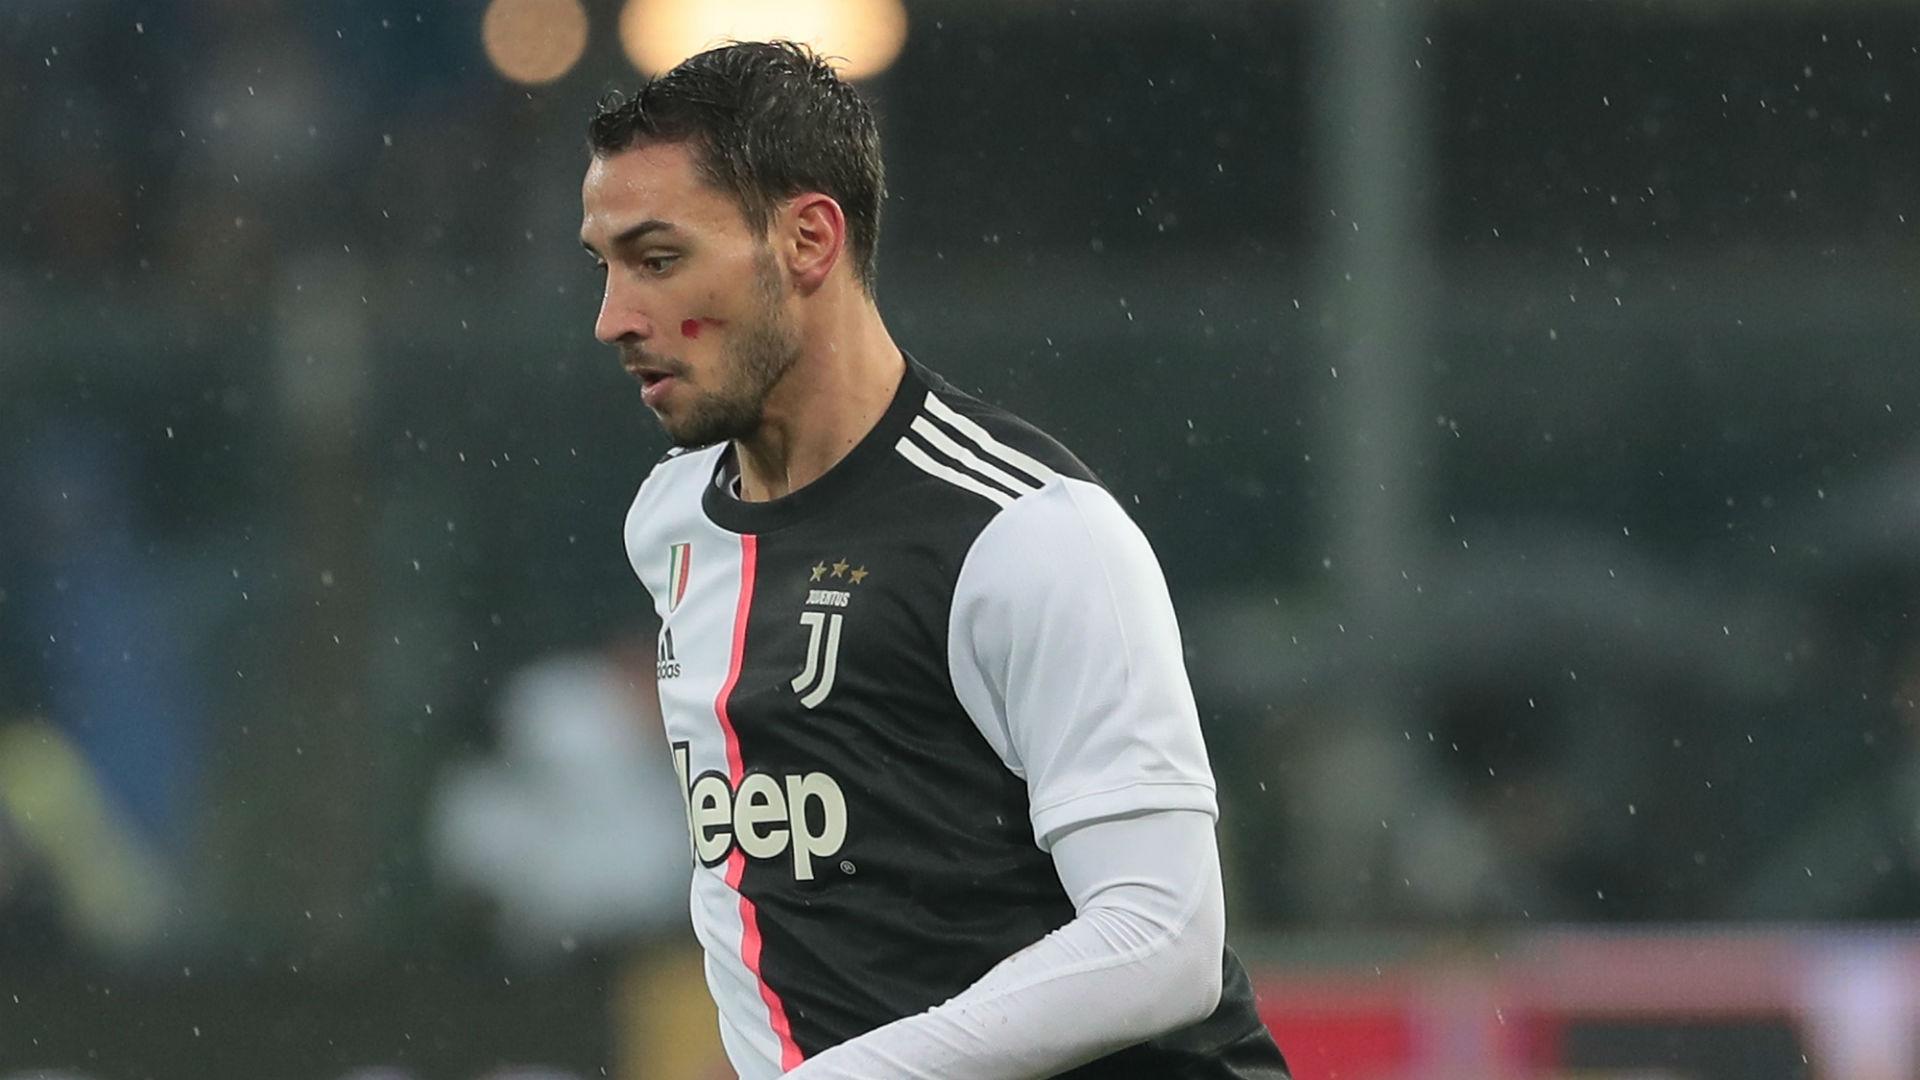 Juventus, altro stop in difesa: infortunio per De Sciglio, gli aggiornamenti